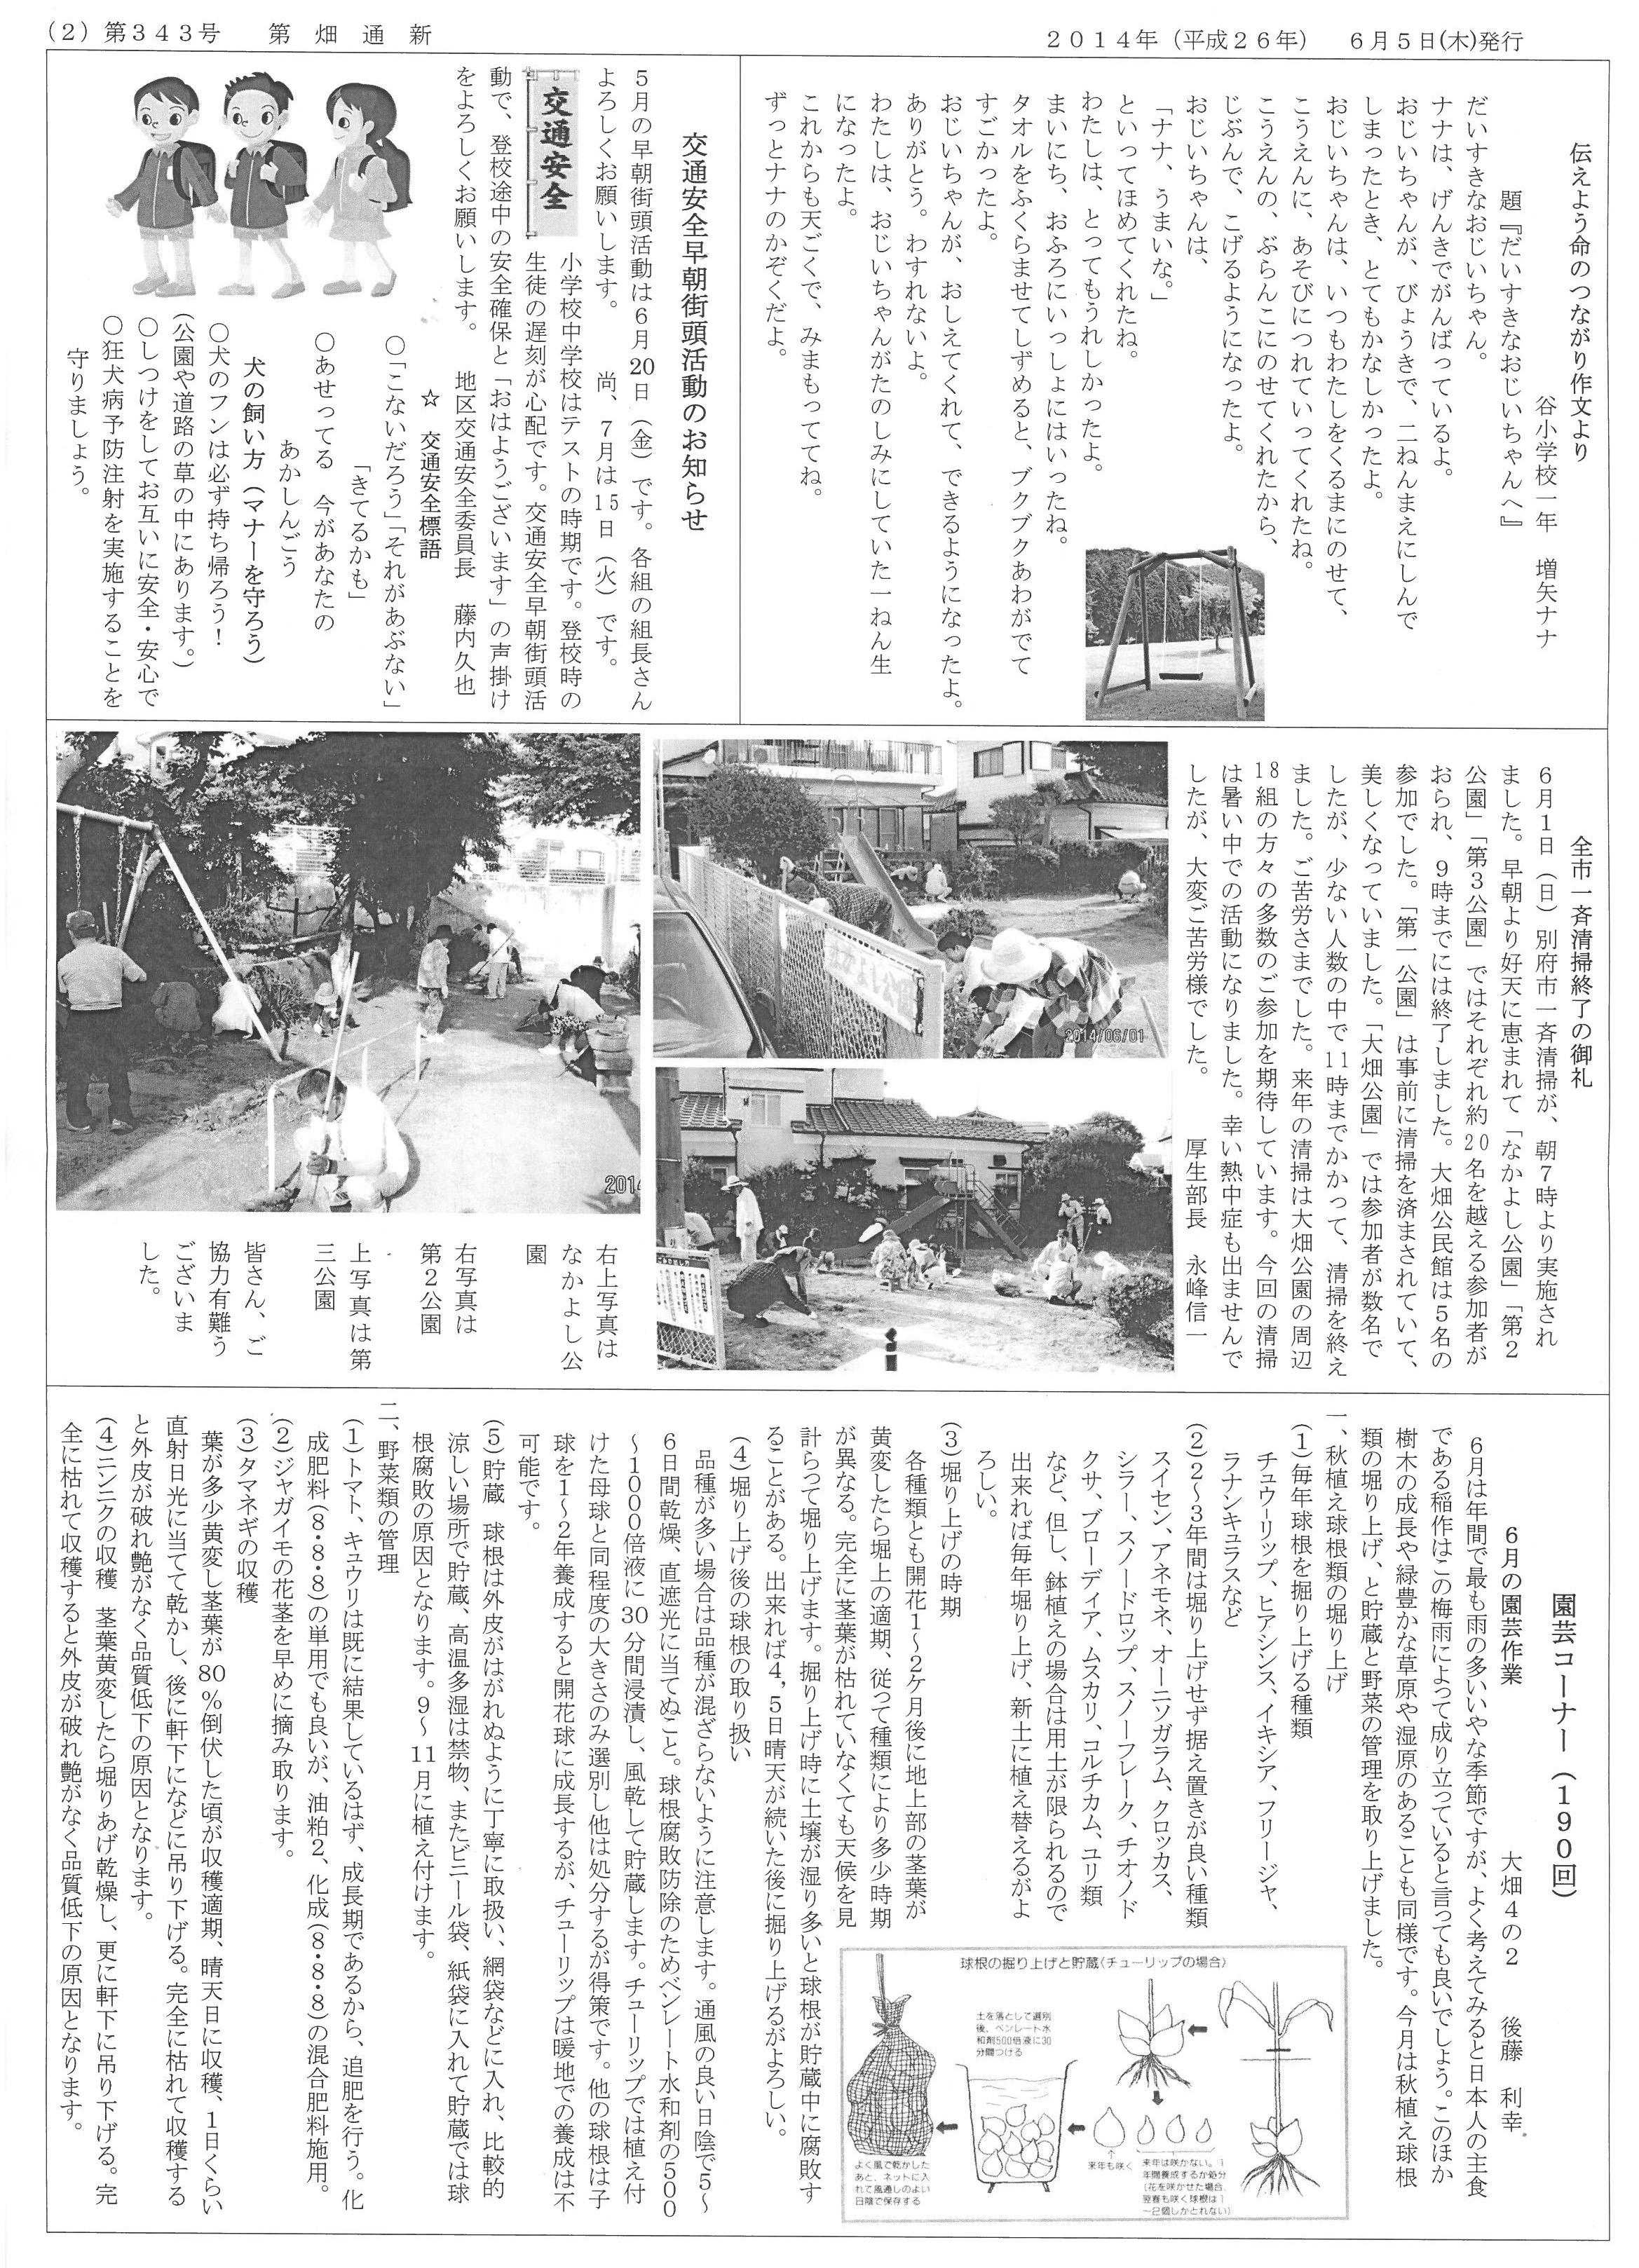 obatake2014_06_02